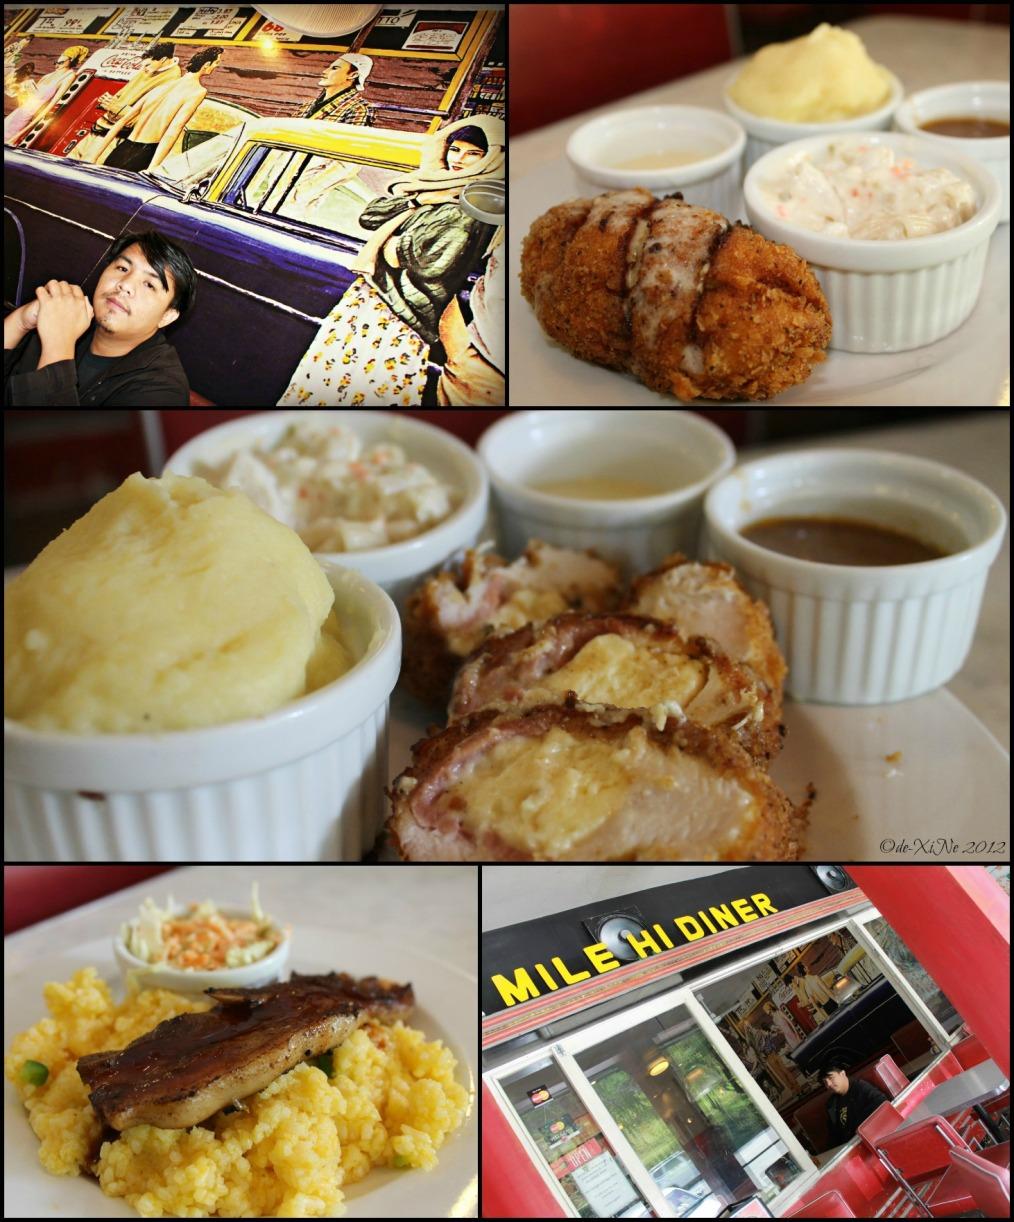 Mile Hi Diner 2